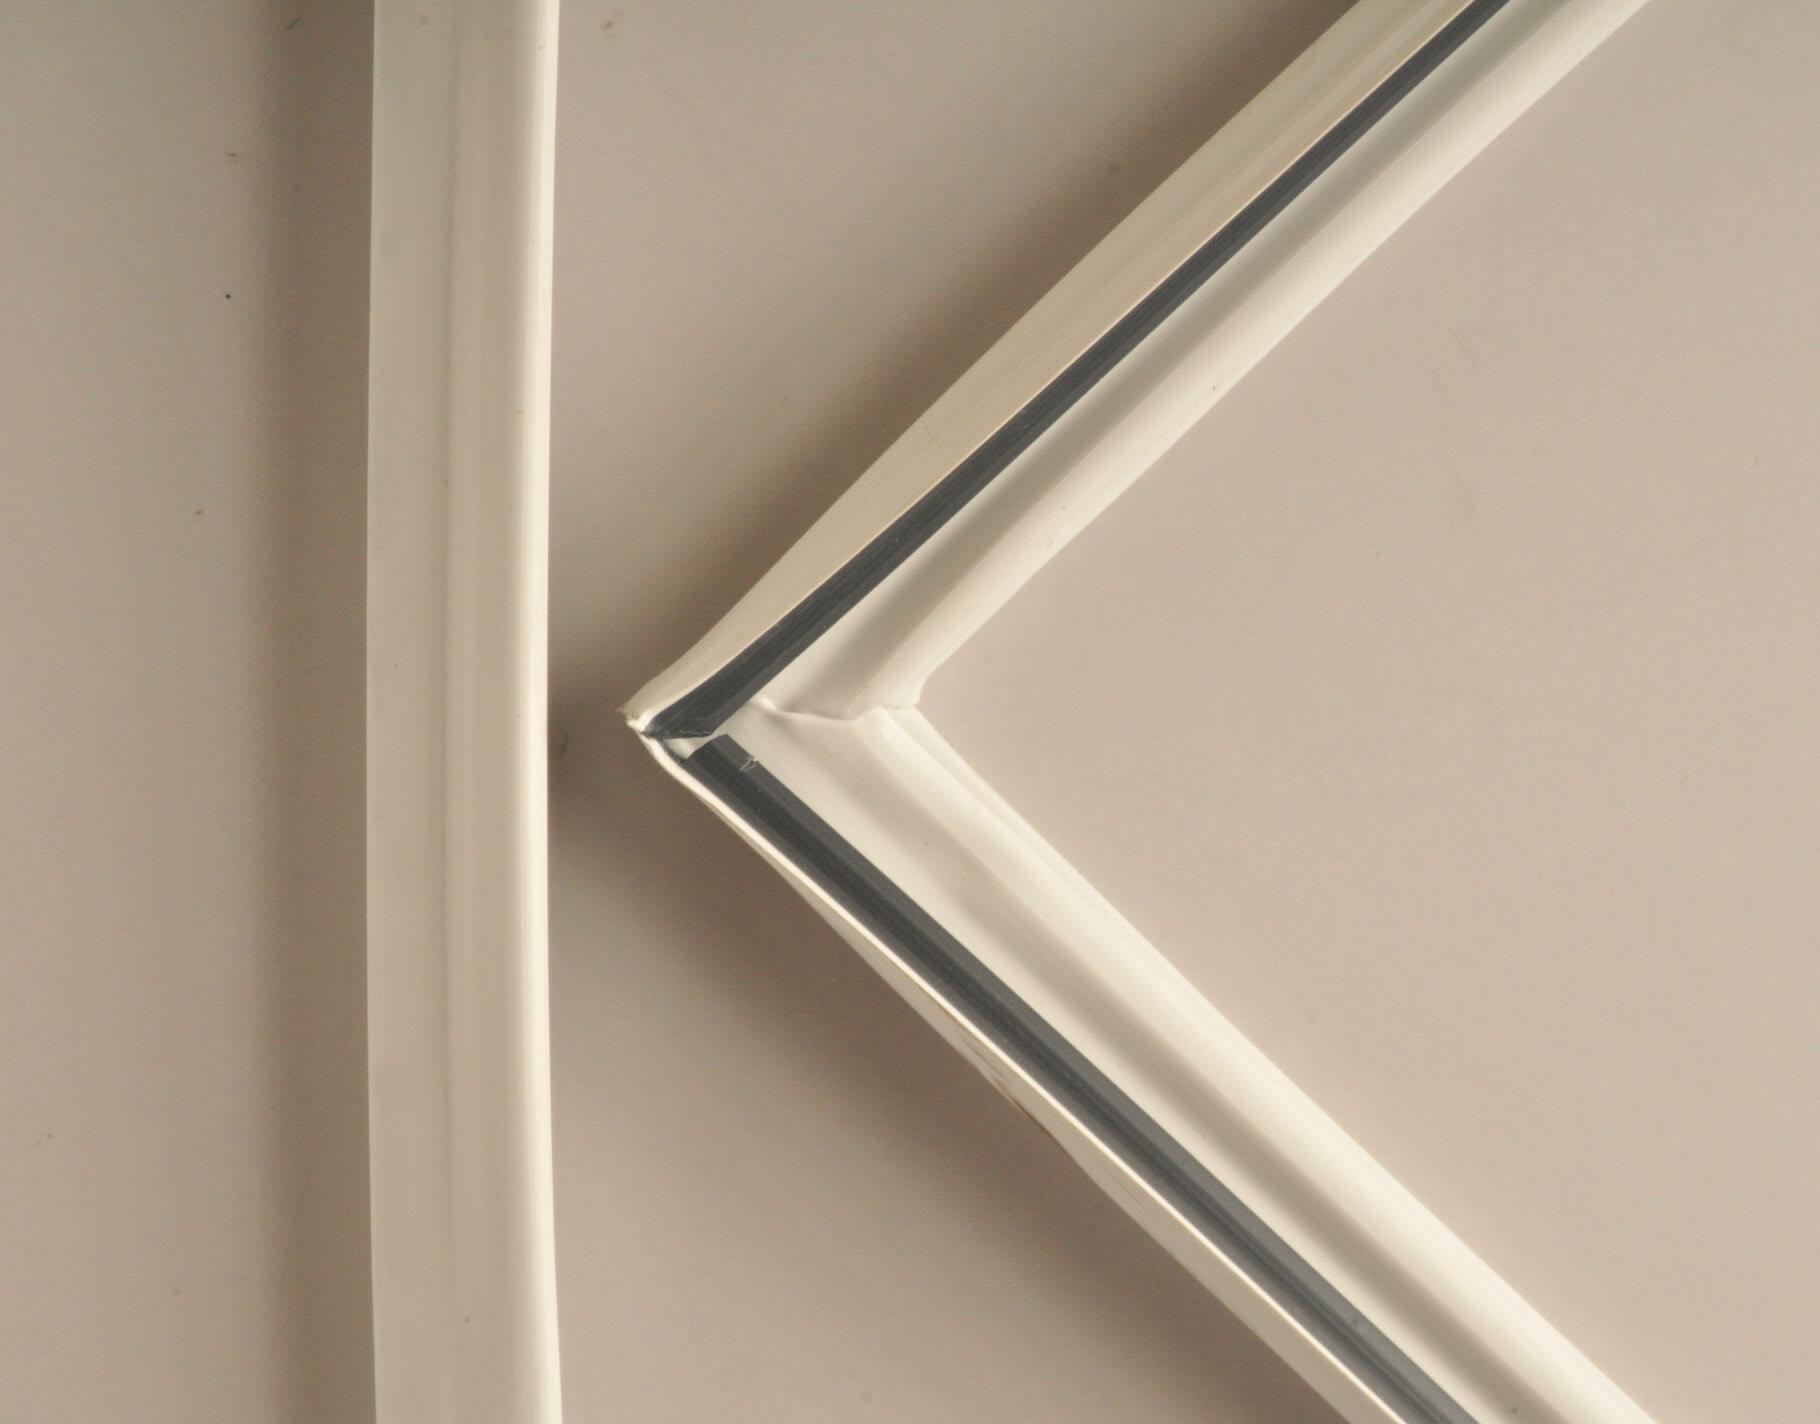 Kenmore Refrigerator Part # 2159075 - Door Gasket